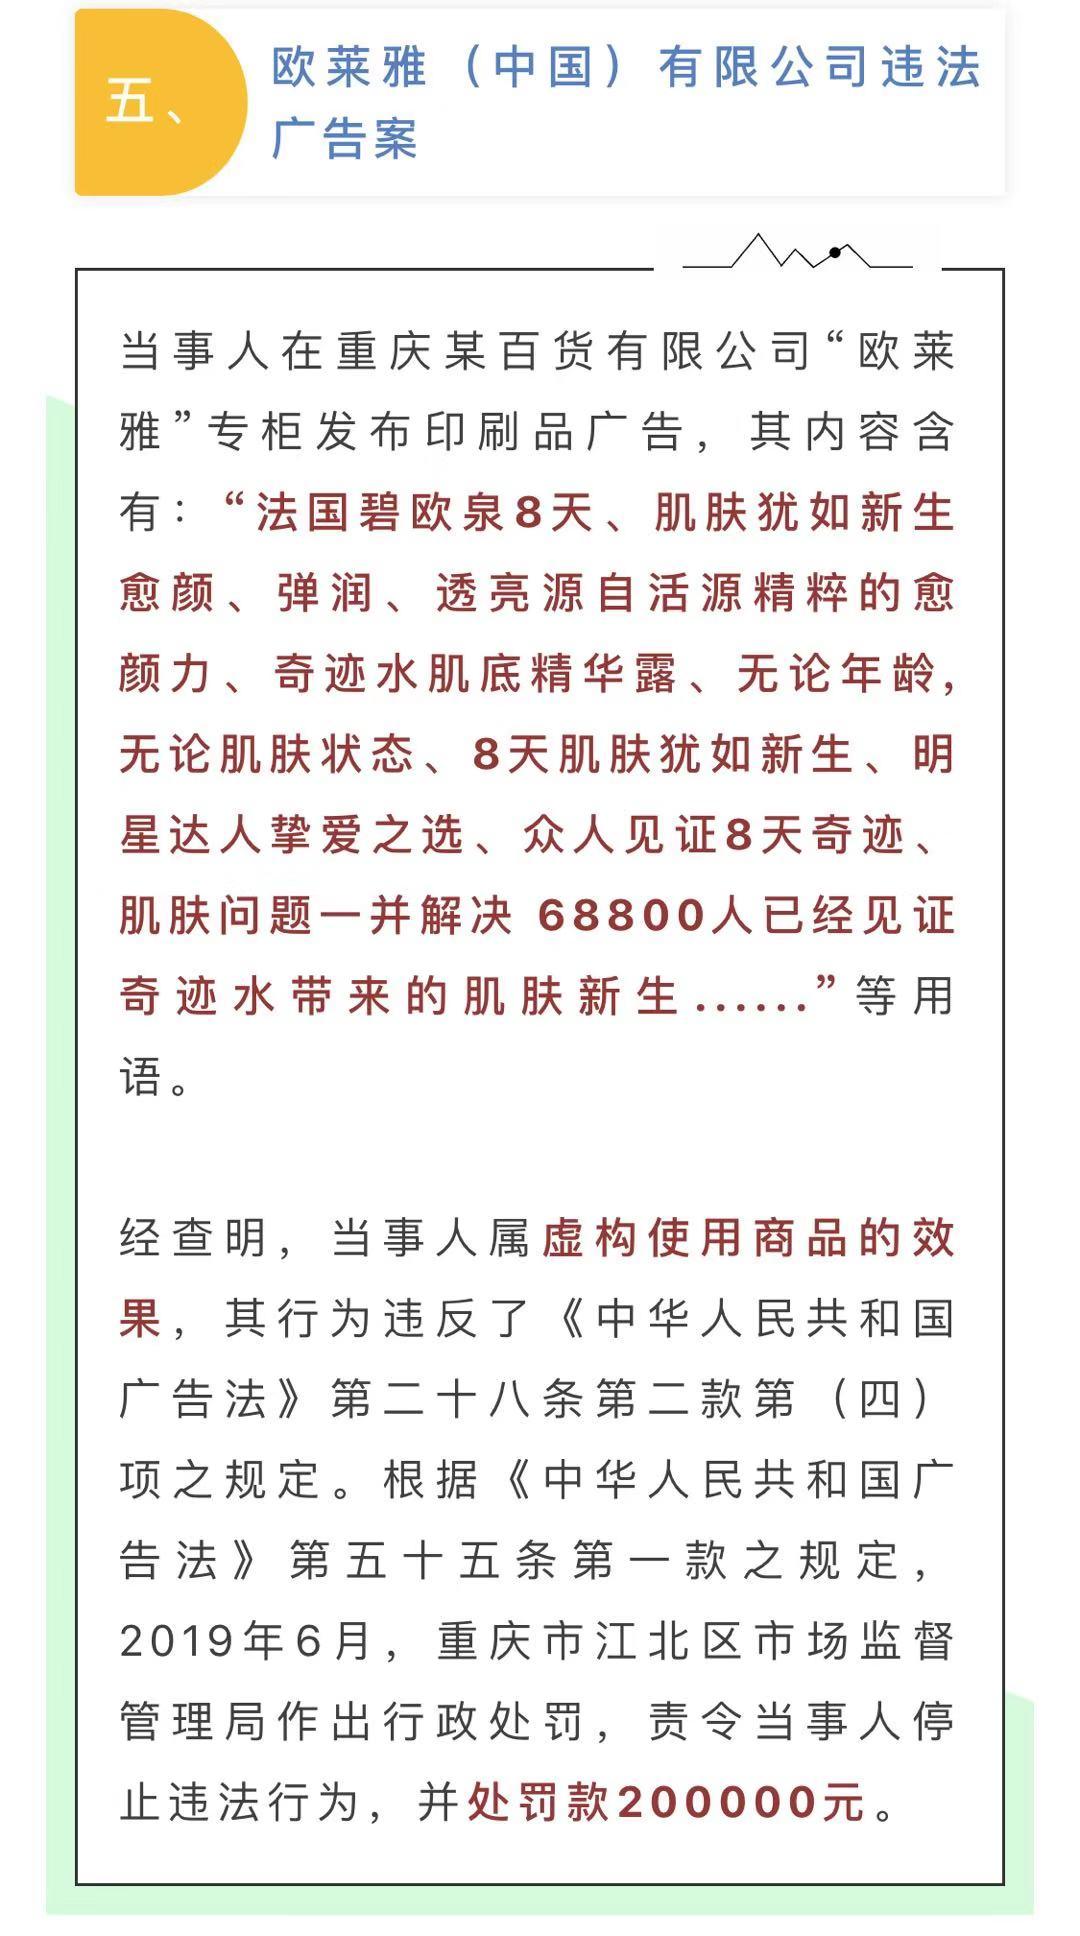 www.127788.net·中国房企销售额大比拼,这家房企成黑马,年内股价暴涨140%